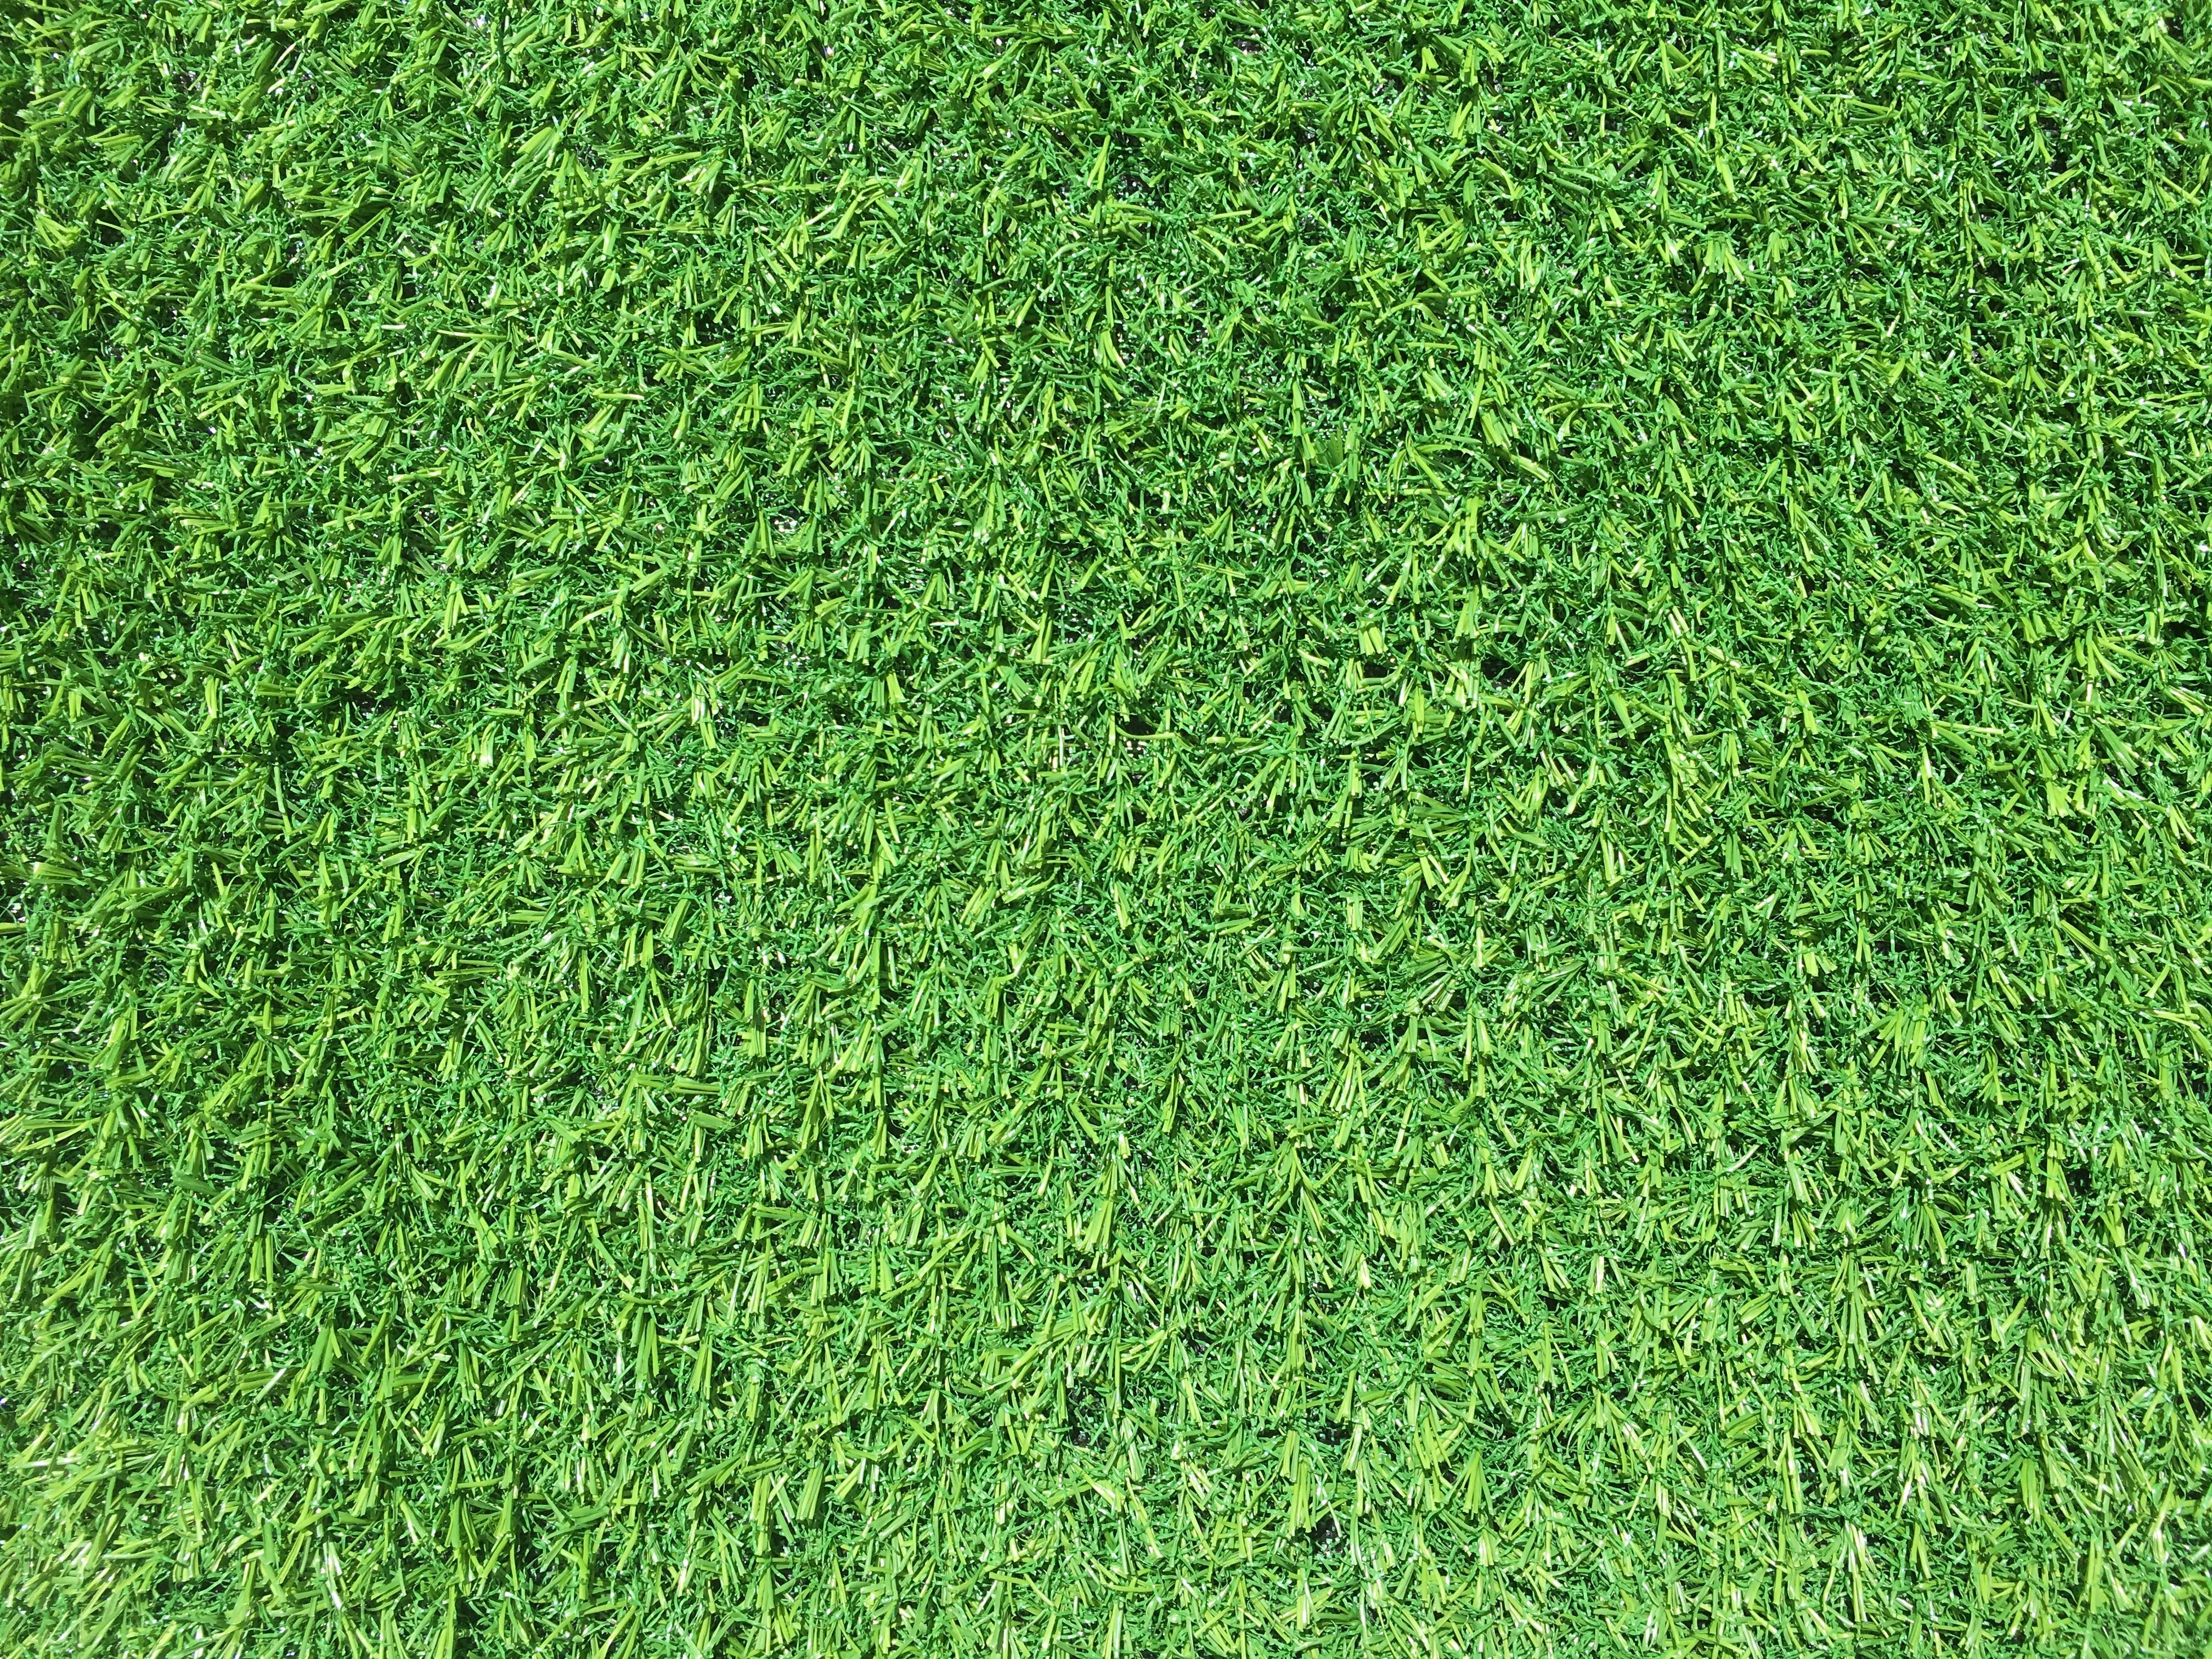 Covor Iarba Artificiala, Tip Gazon, Verde, Tropicana, 100% Polipropilena, 10 mm, 100x400 cm 0